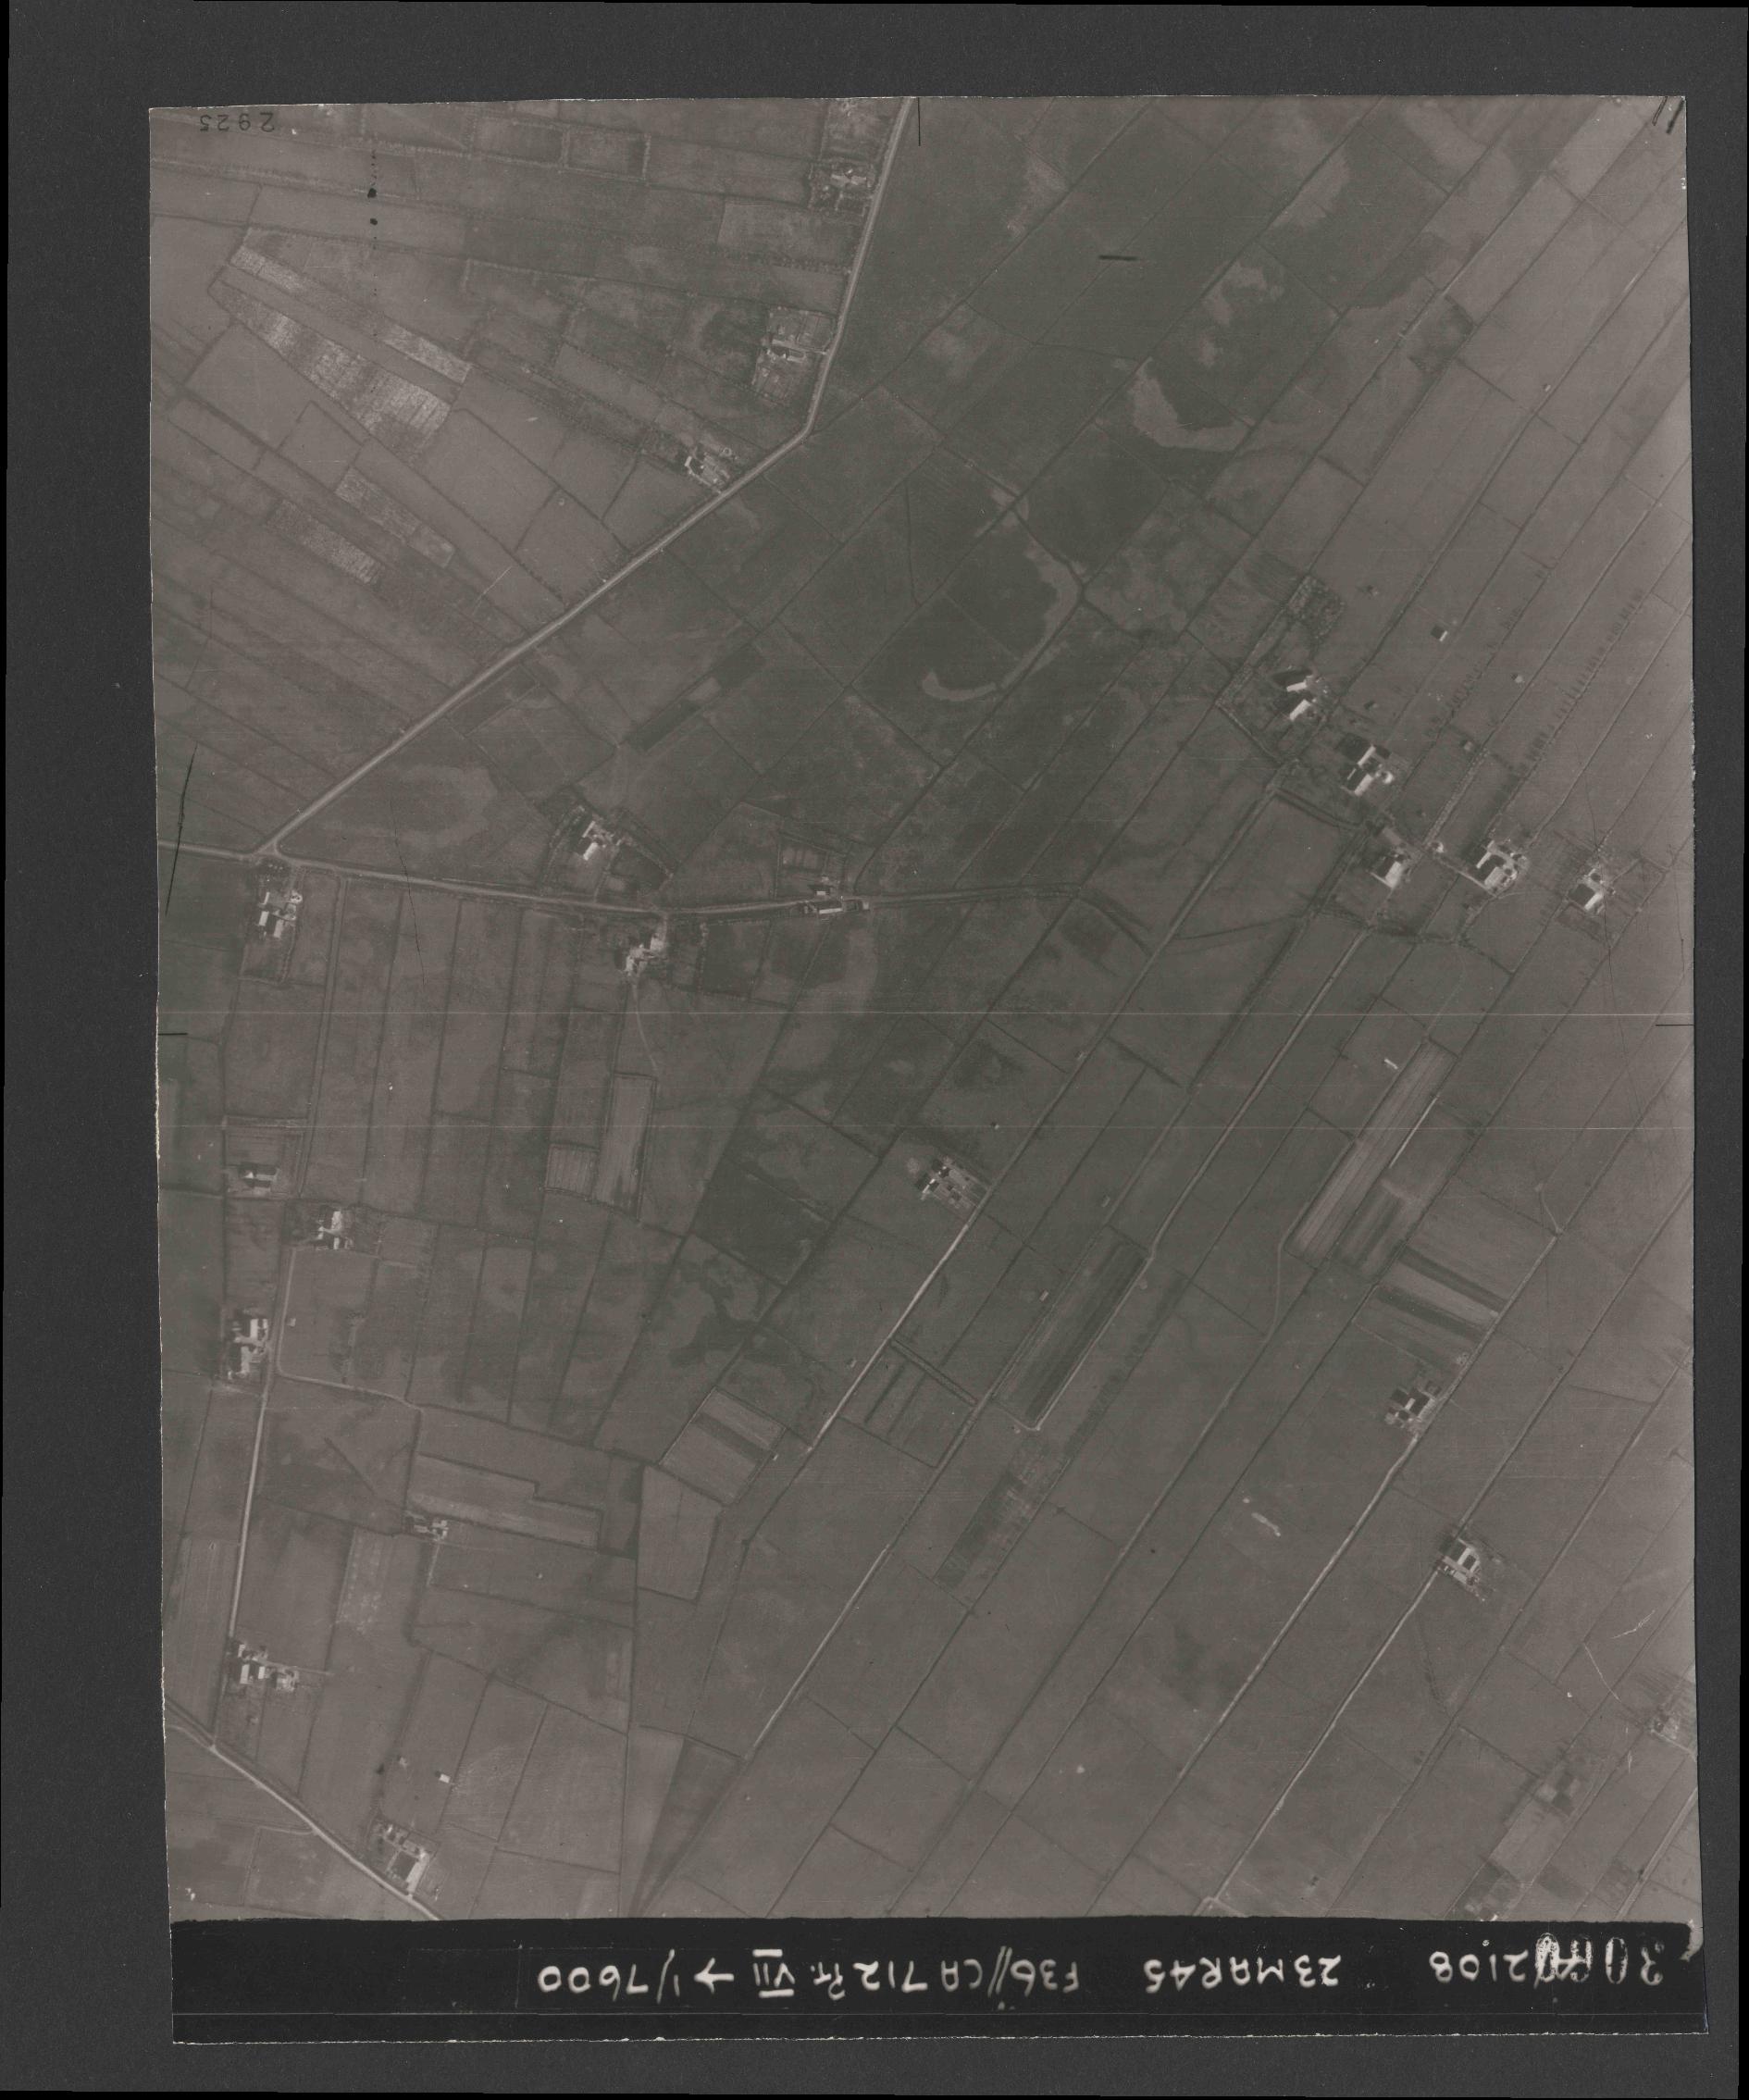 Collection RAF aerial photos 1940-1945 - flight 104, run 03, photo 3060